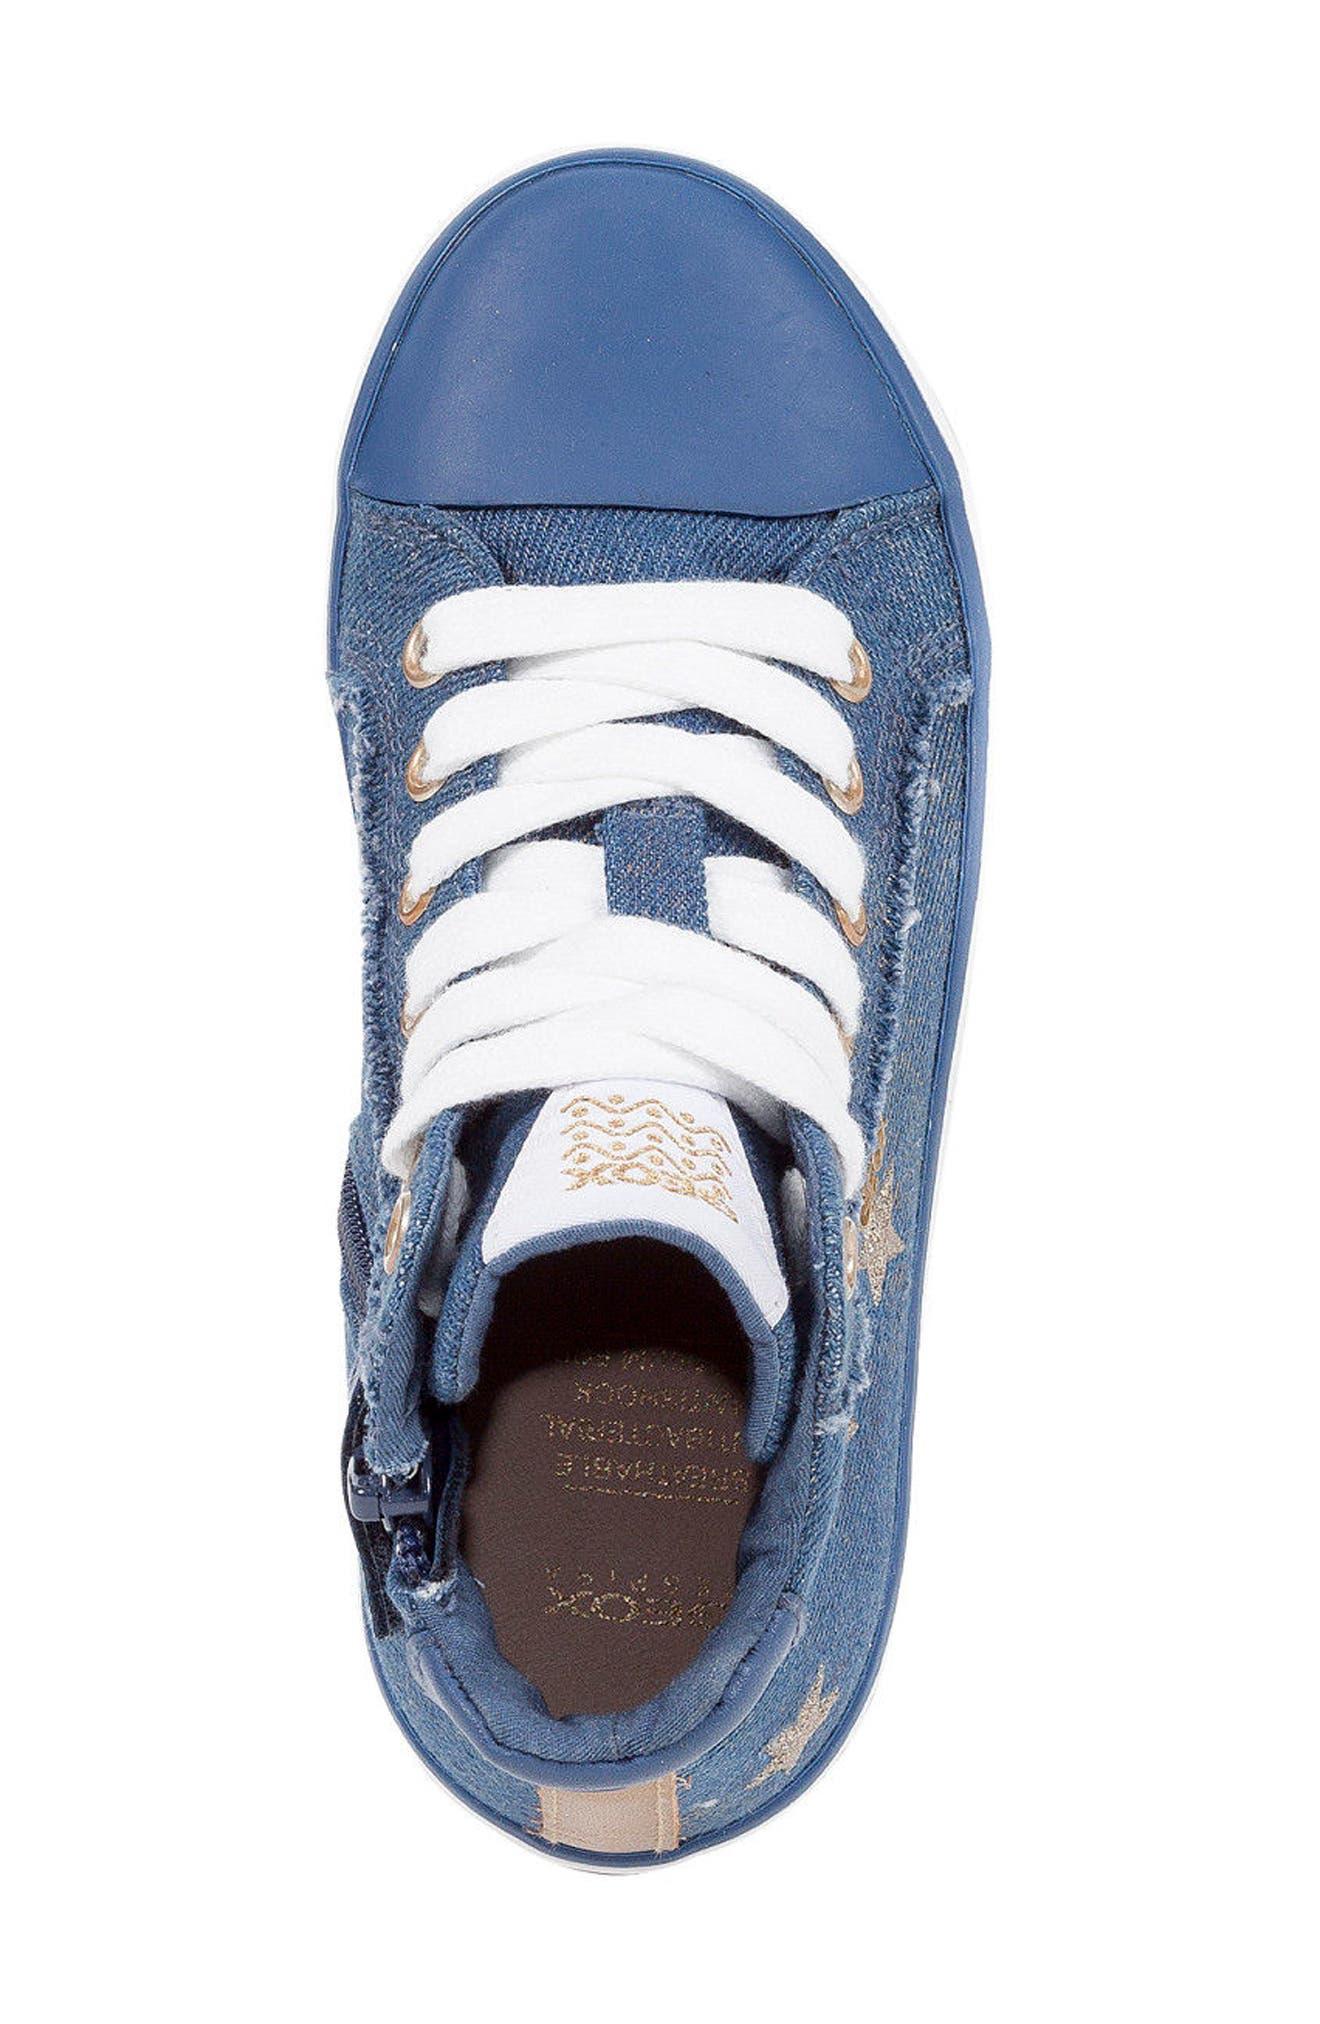 Kilwi High Top Zip Sneaker,                             Alternate thumbnail 4, color,                             Avio